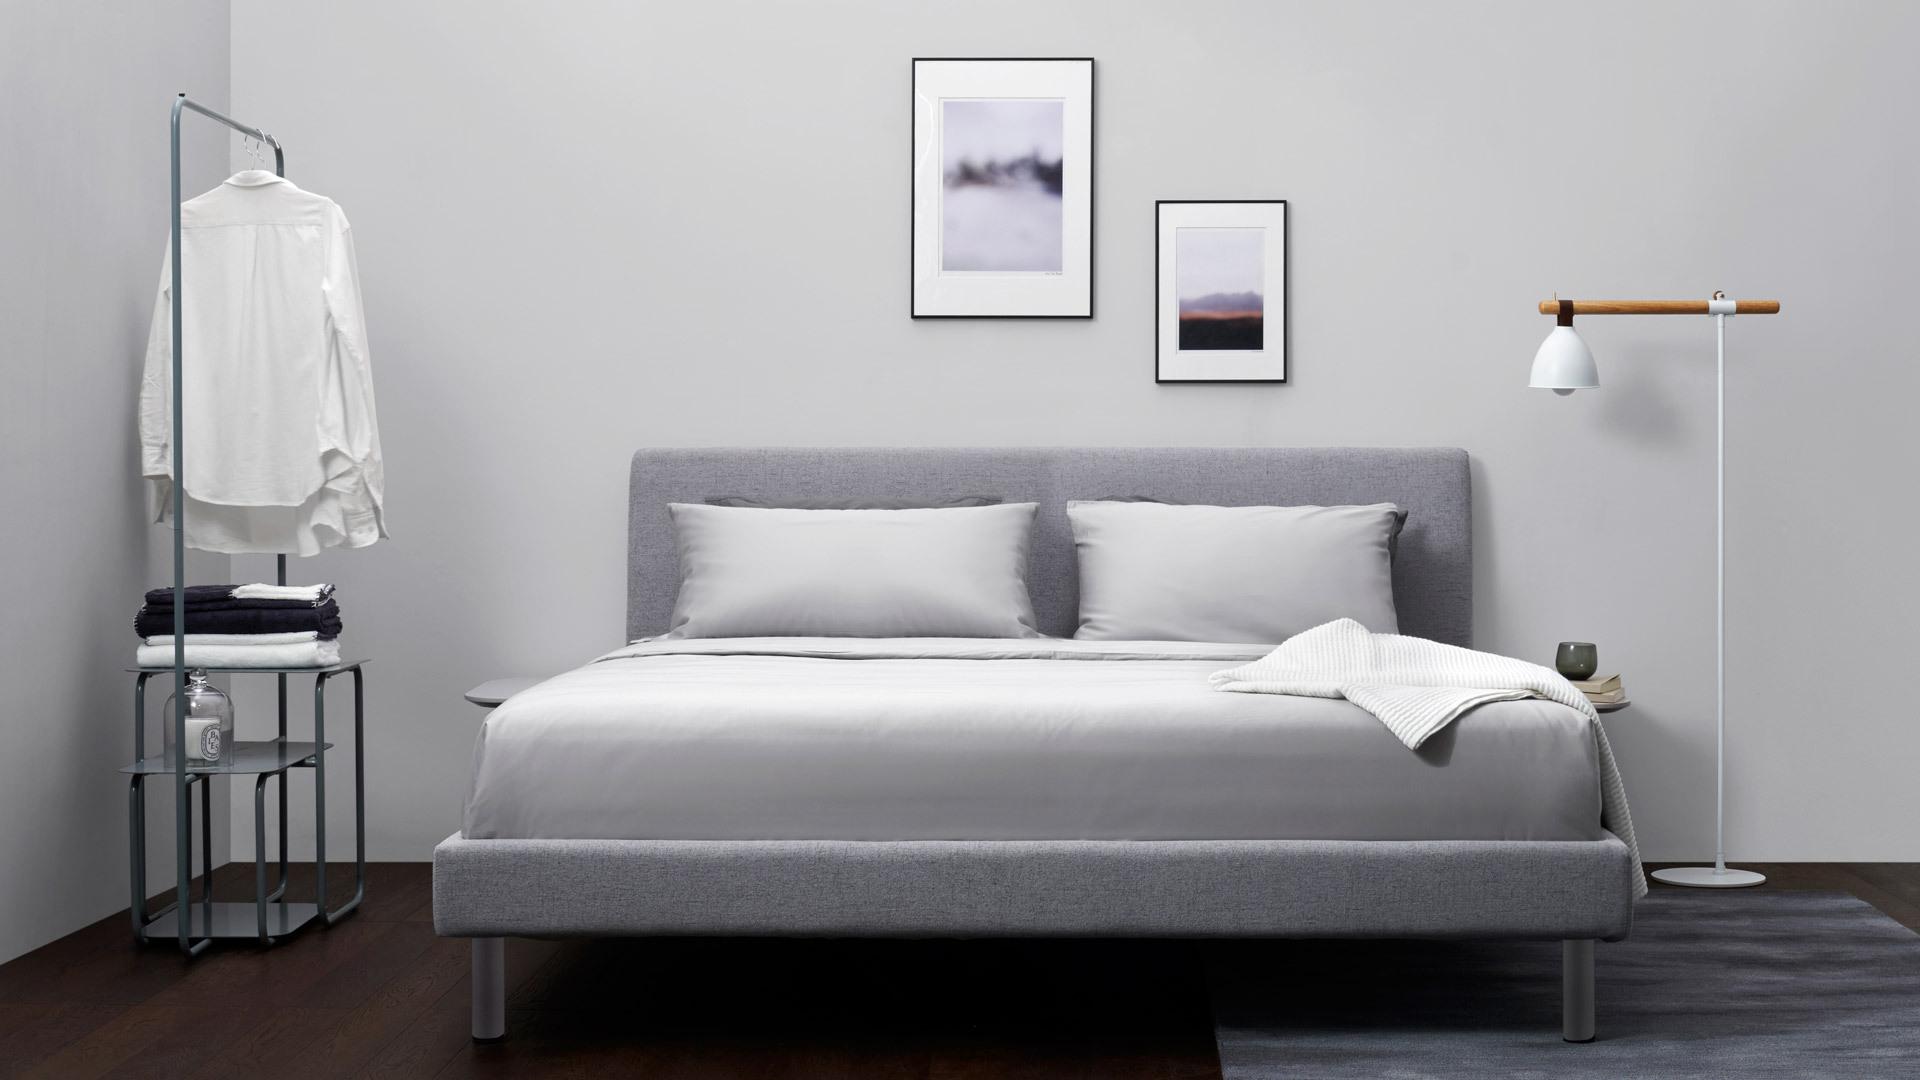 用灰色作为卧室主调,更好展现空间高级质感,线条简洁的置物架和地灯,贴合整体明快气息,灰调地毯、墙面和软床安静相称,睡眠氛围更加安逸温暖。